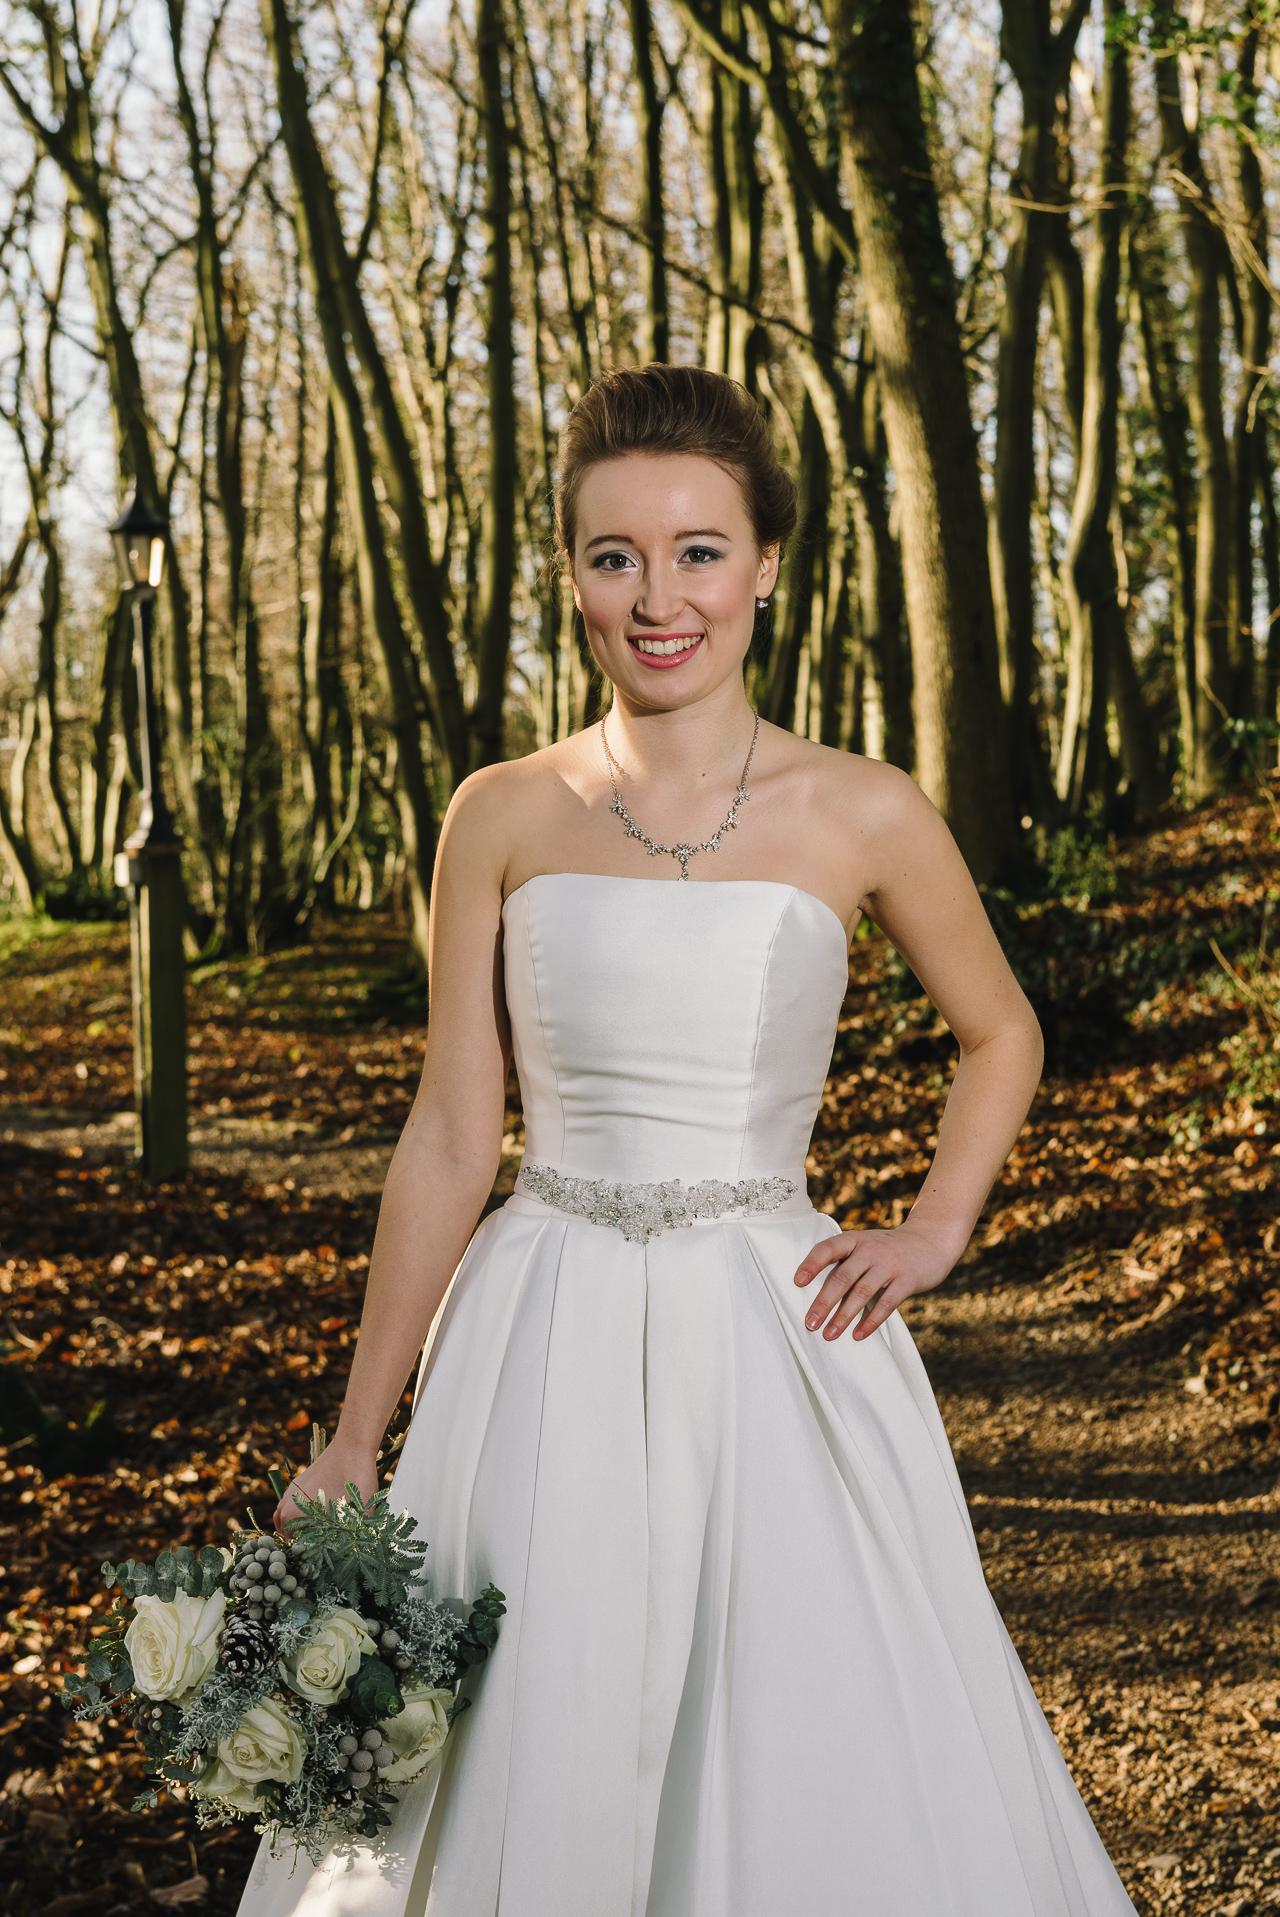 Woodland Bridal Photo Shoot Sussex | Oakhouse Photography